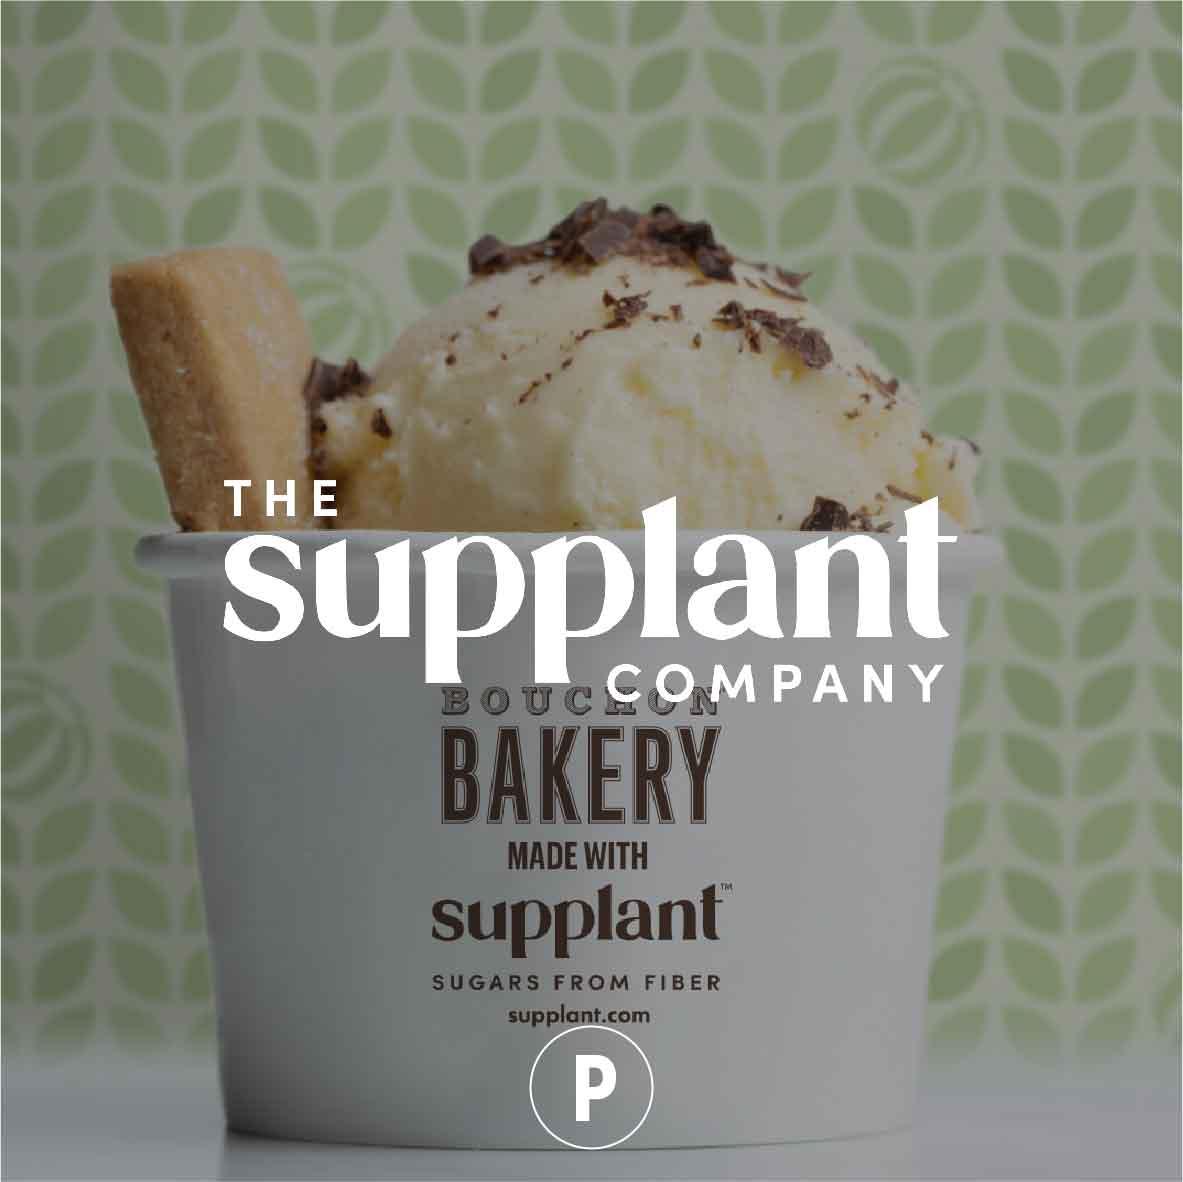 Supplant